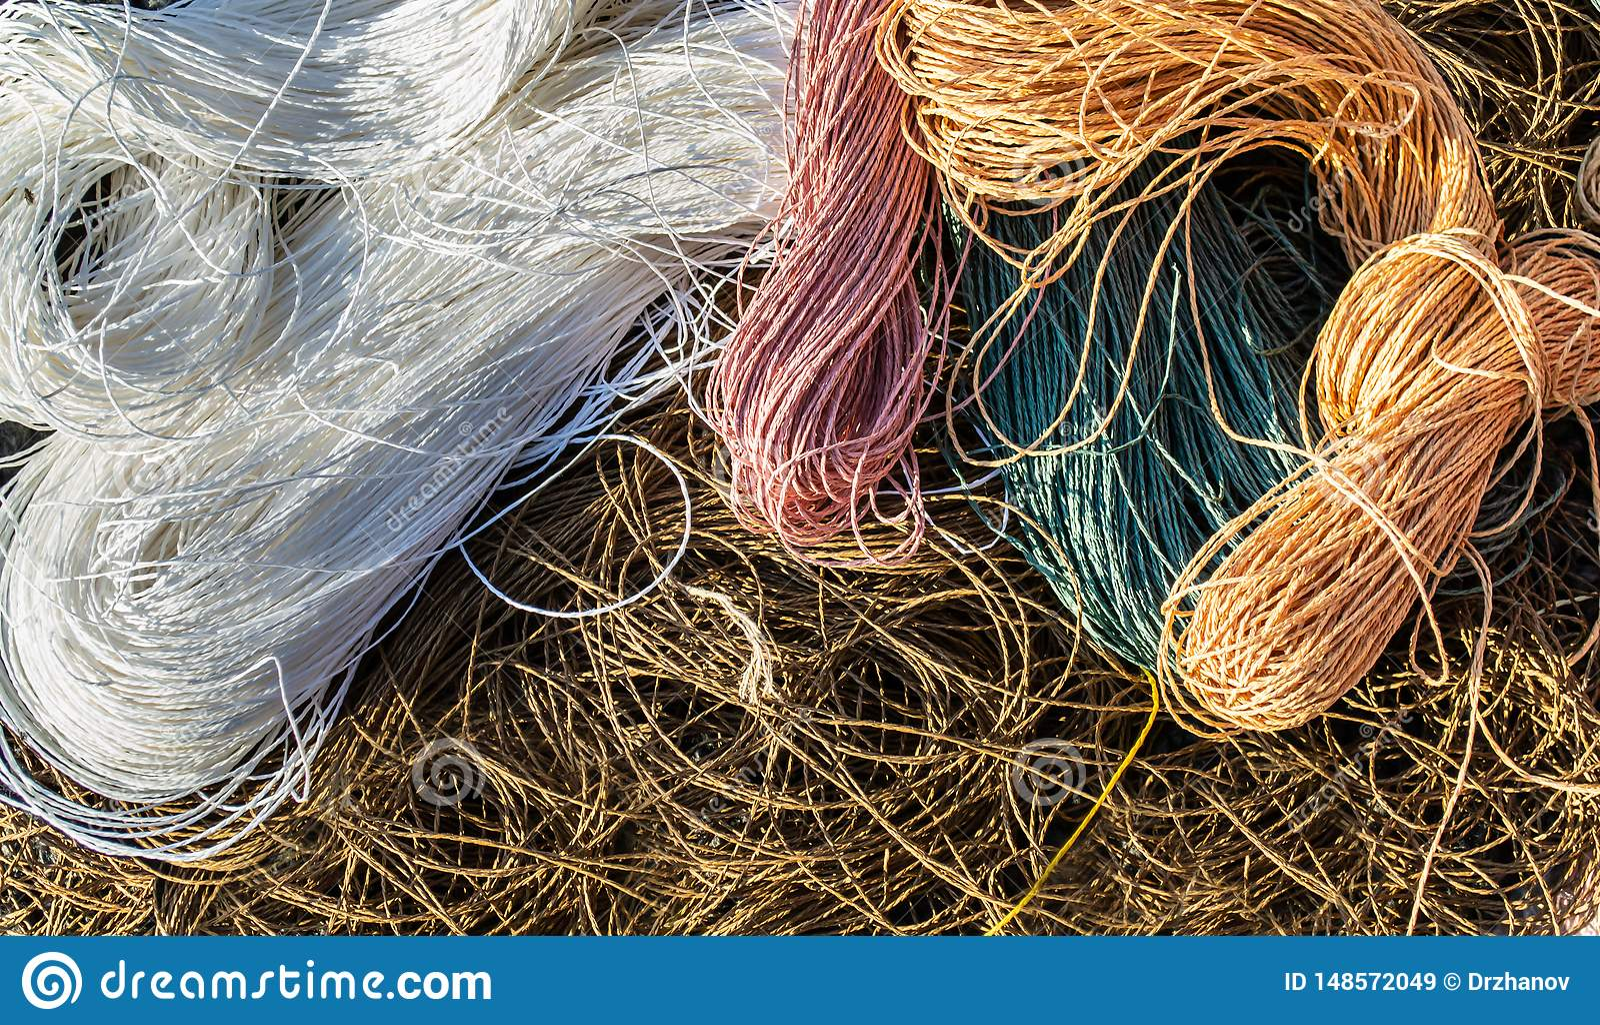 Rafels van de kabelsachtergrond van raffia van de pastelkleur bruine, witte, roze, groene en oranje kleur